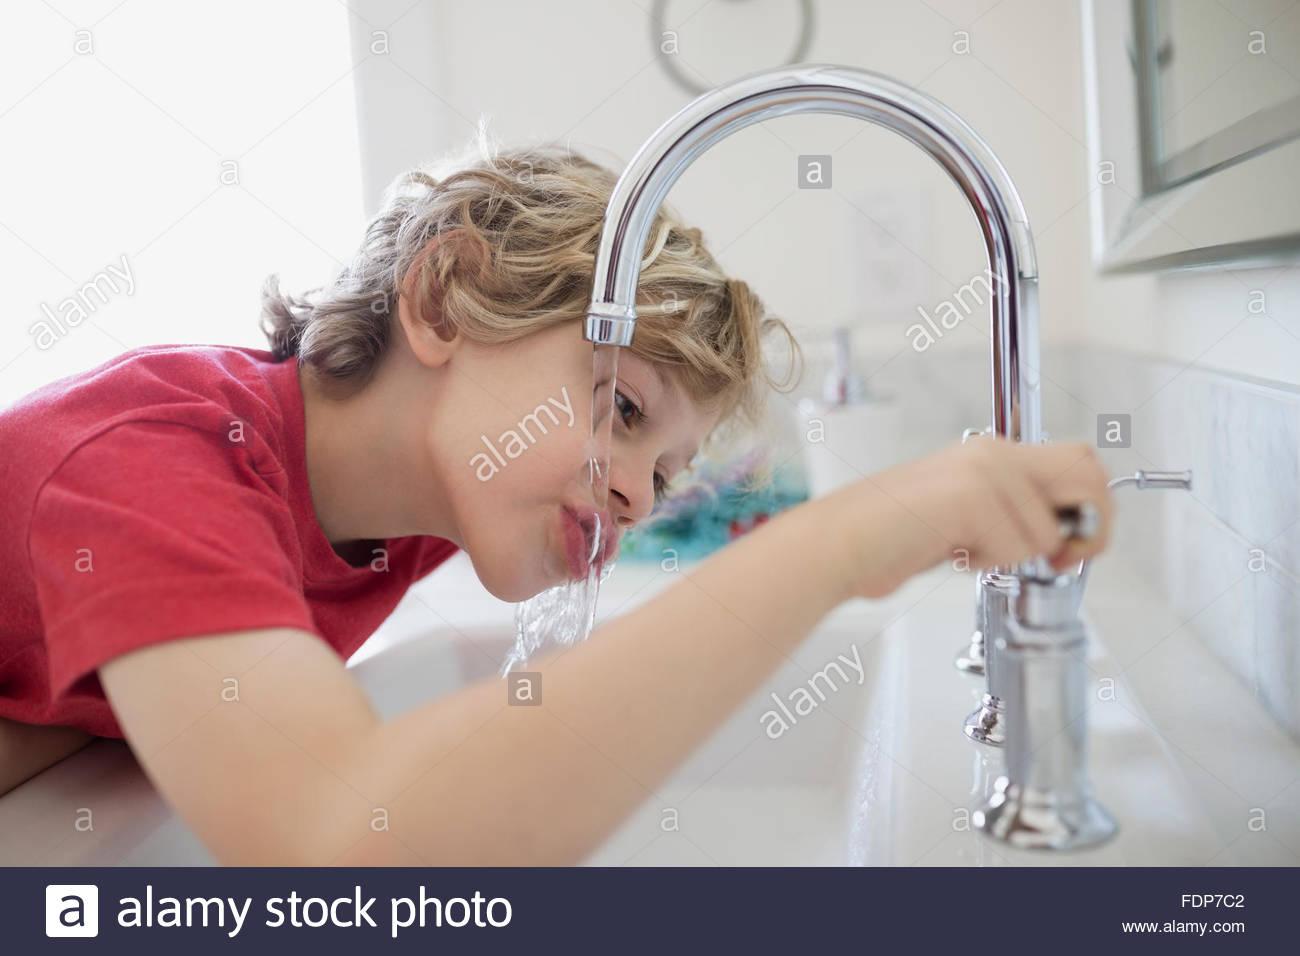 Chico de beber agua de grifo del baño Imagen De Stock